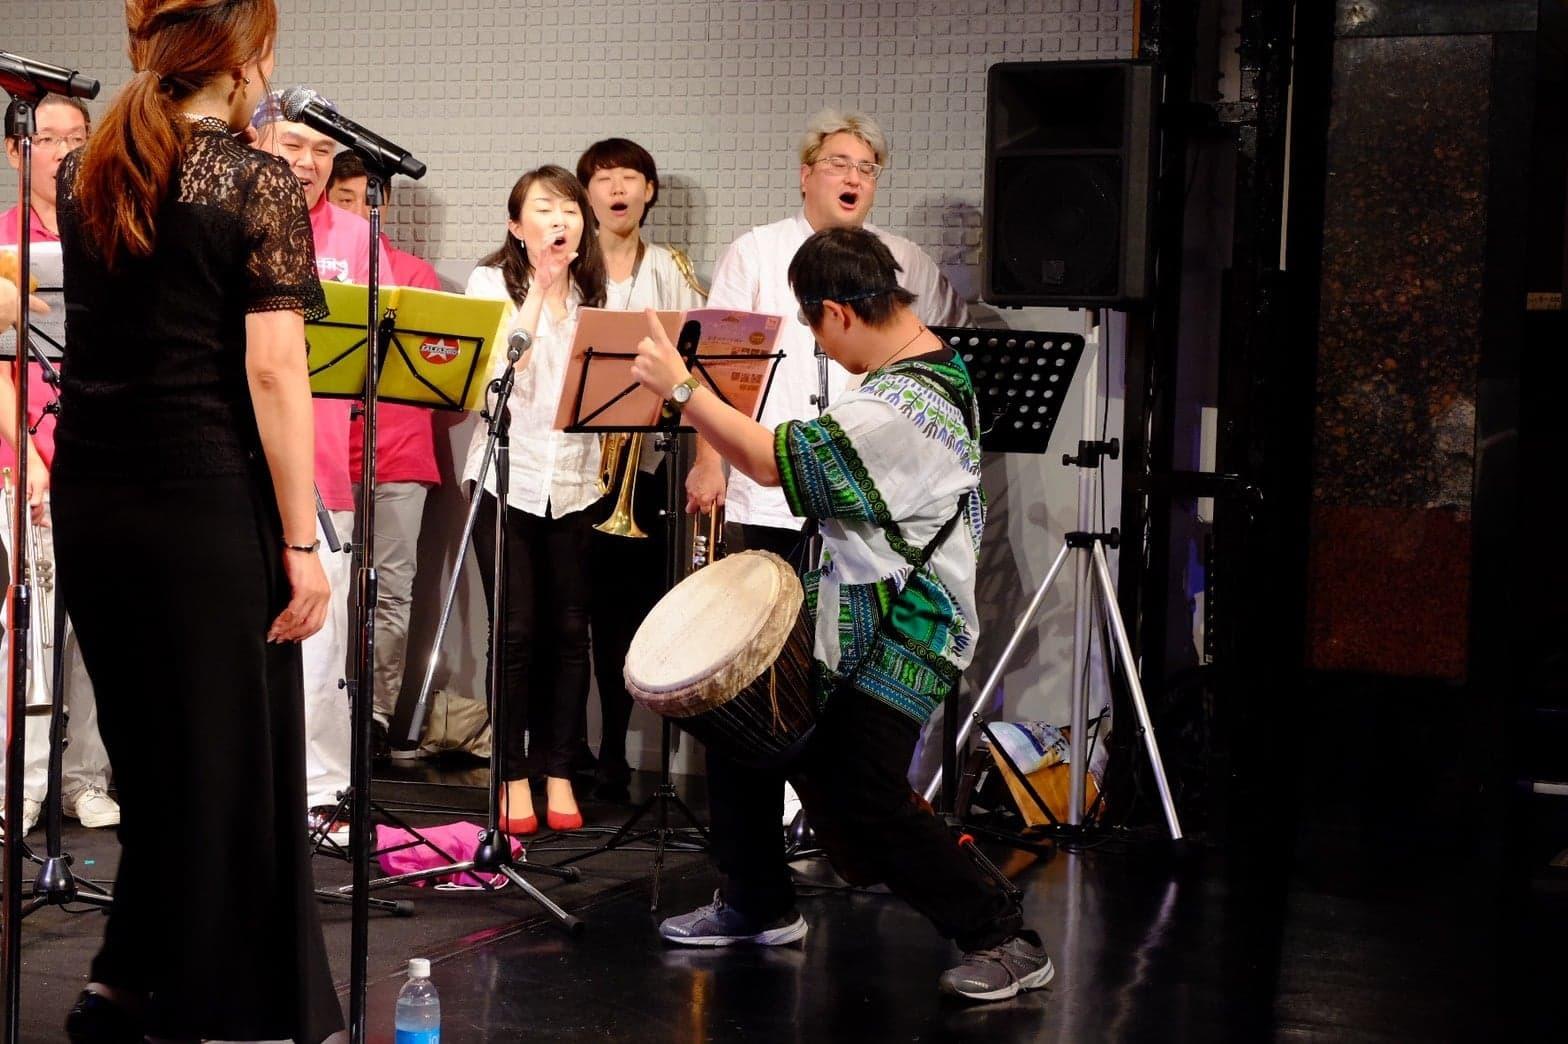 「とっておきの音楽祭 グラデーションマーケット」no.5_b0135942_10265424.jpg